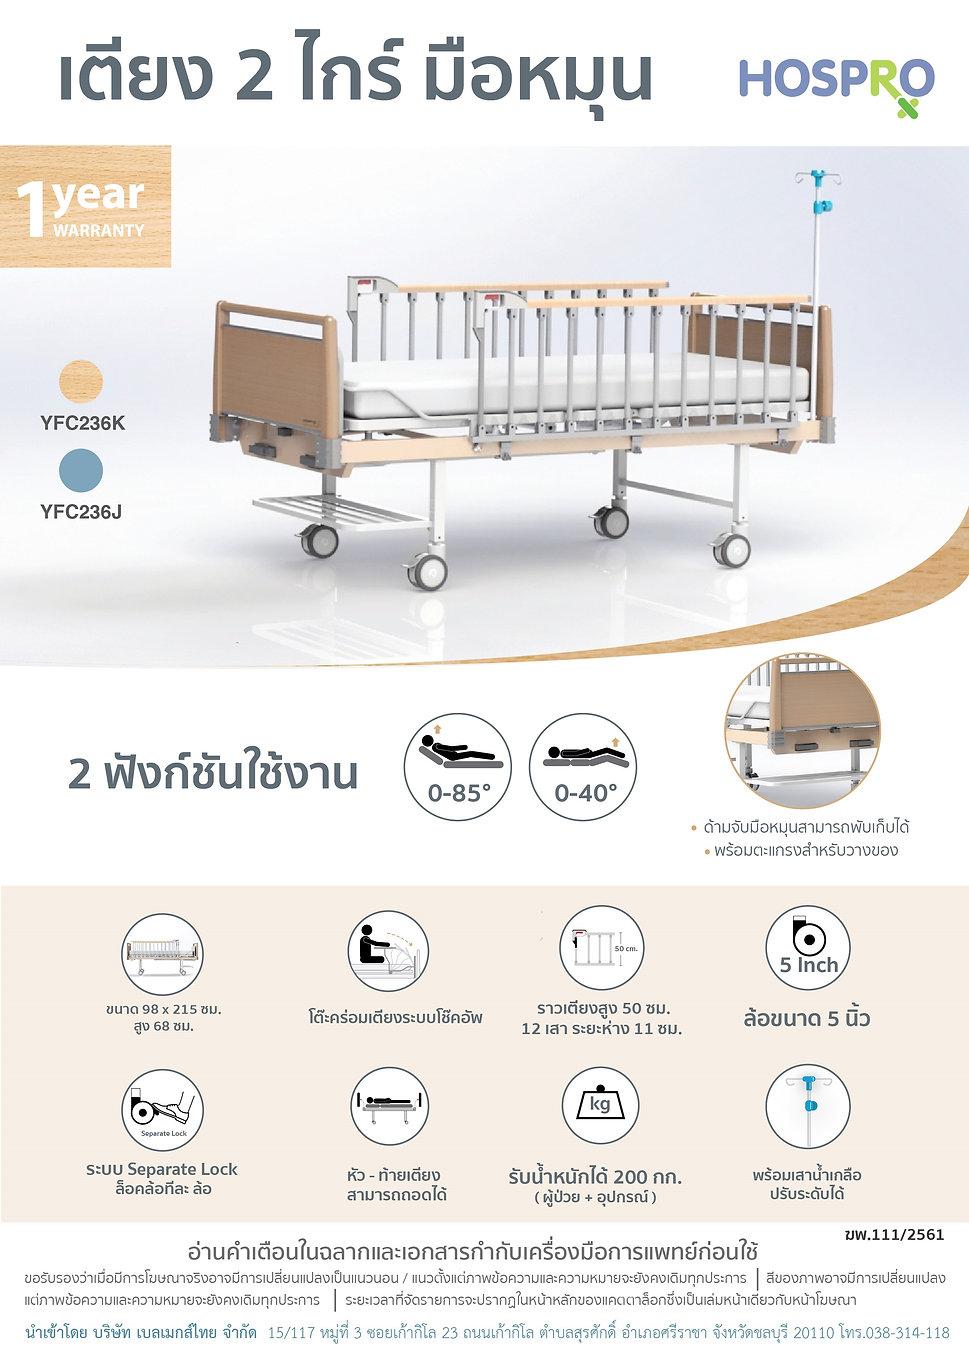 เตียง 2 ไกร์ มือหมุน_2.jpg